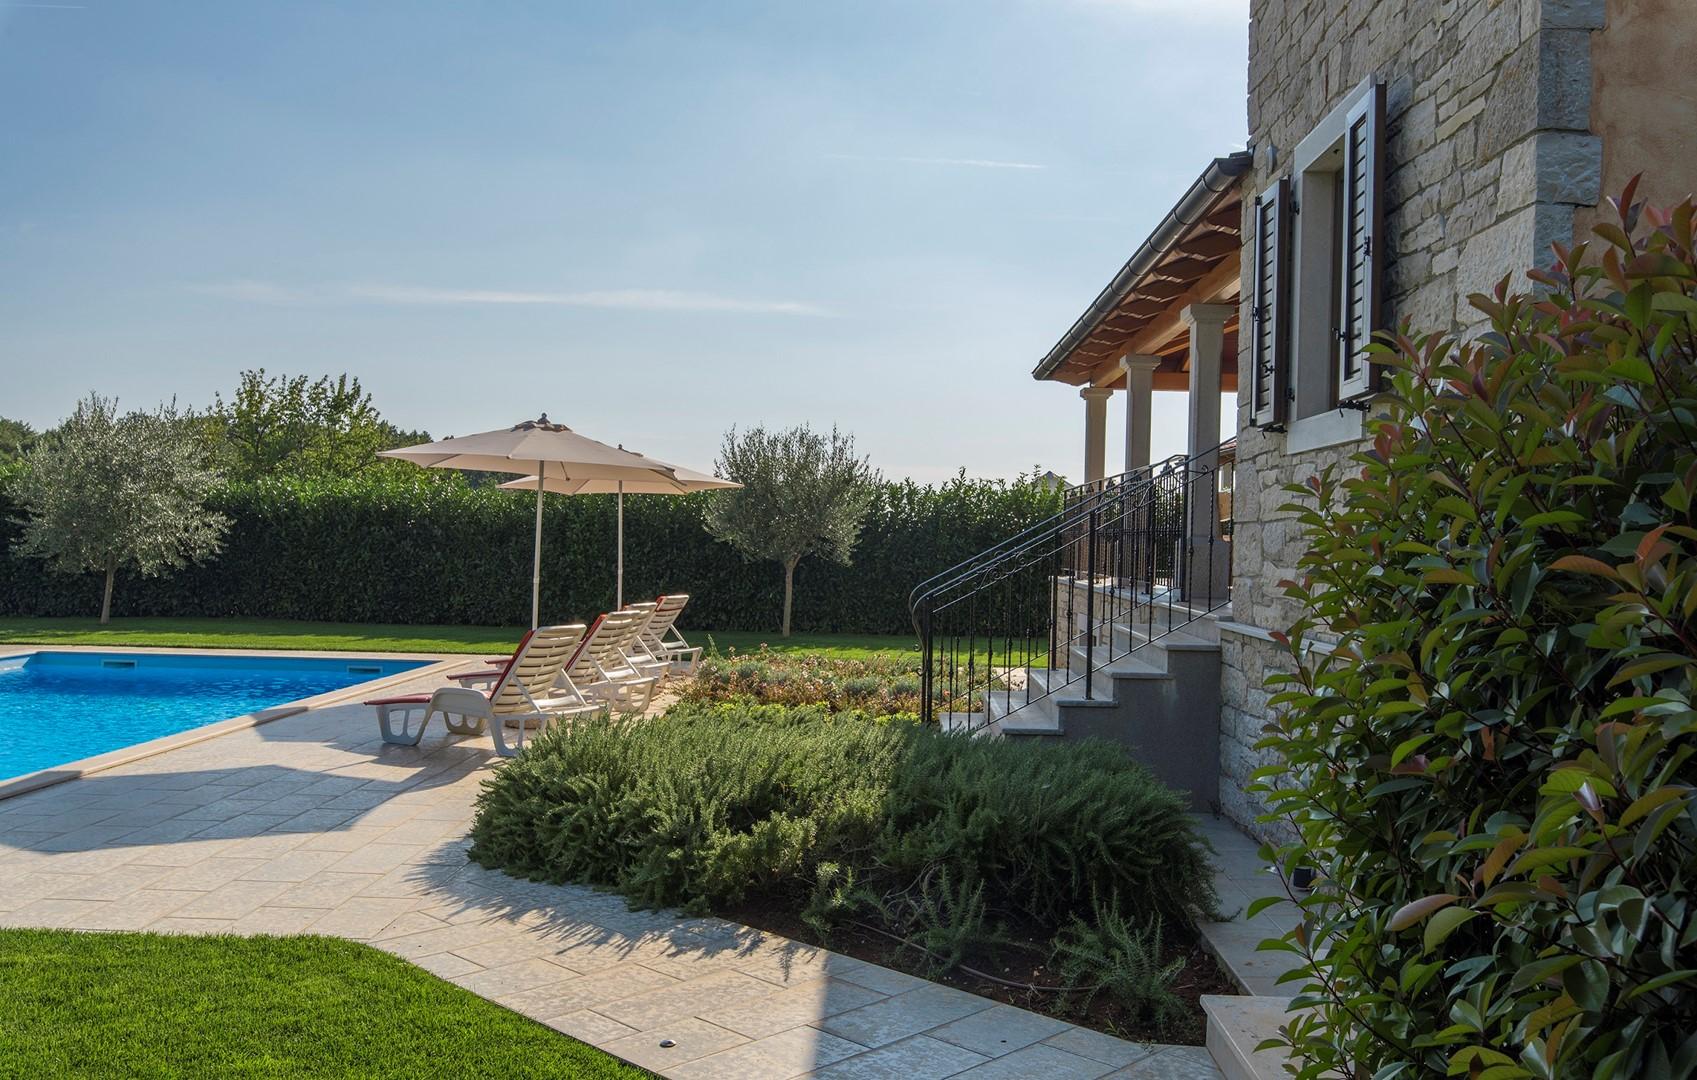 Ferienhaus Geräumige Villa Nikka mit schönem Garten und Pool (1412592), Kanfanar, , Istrien, Kroatien, Bild 6